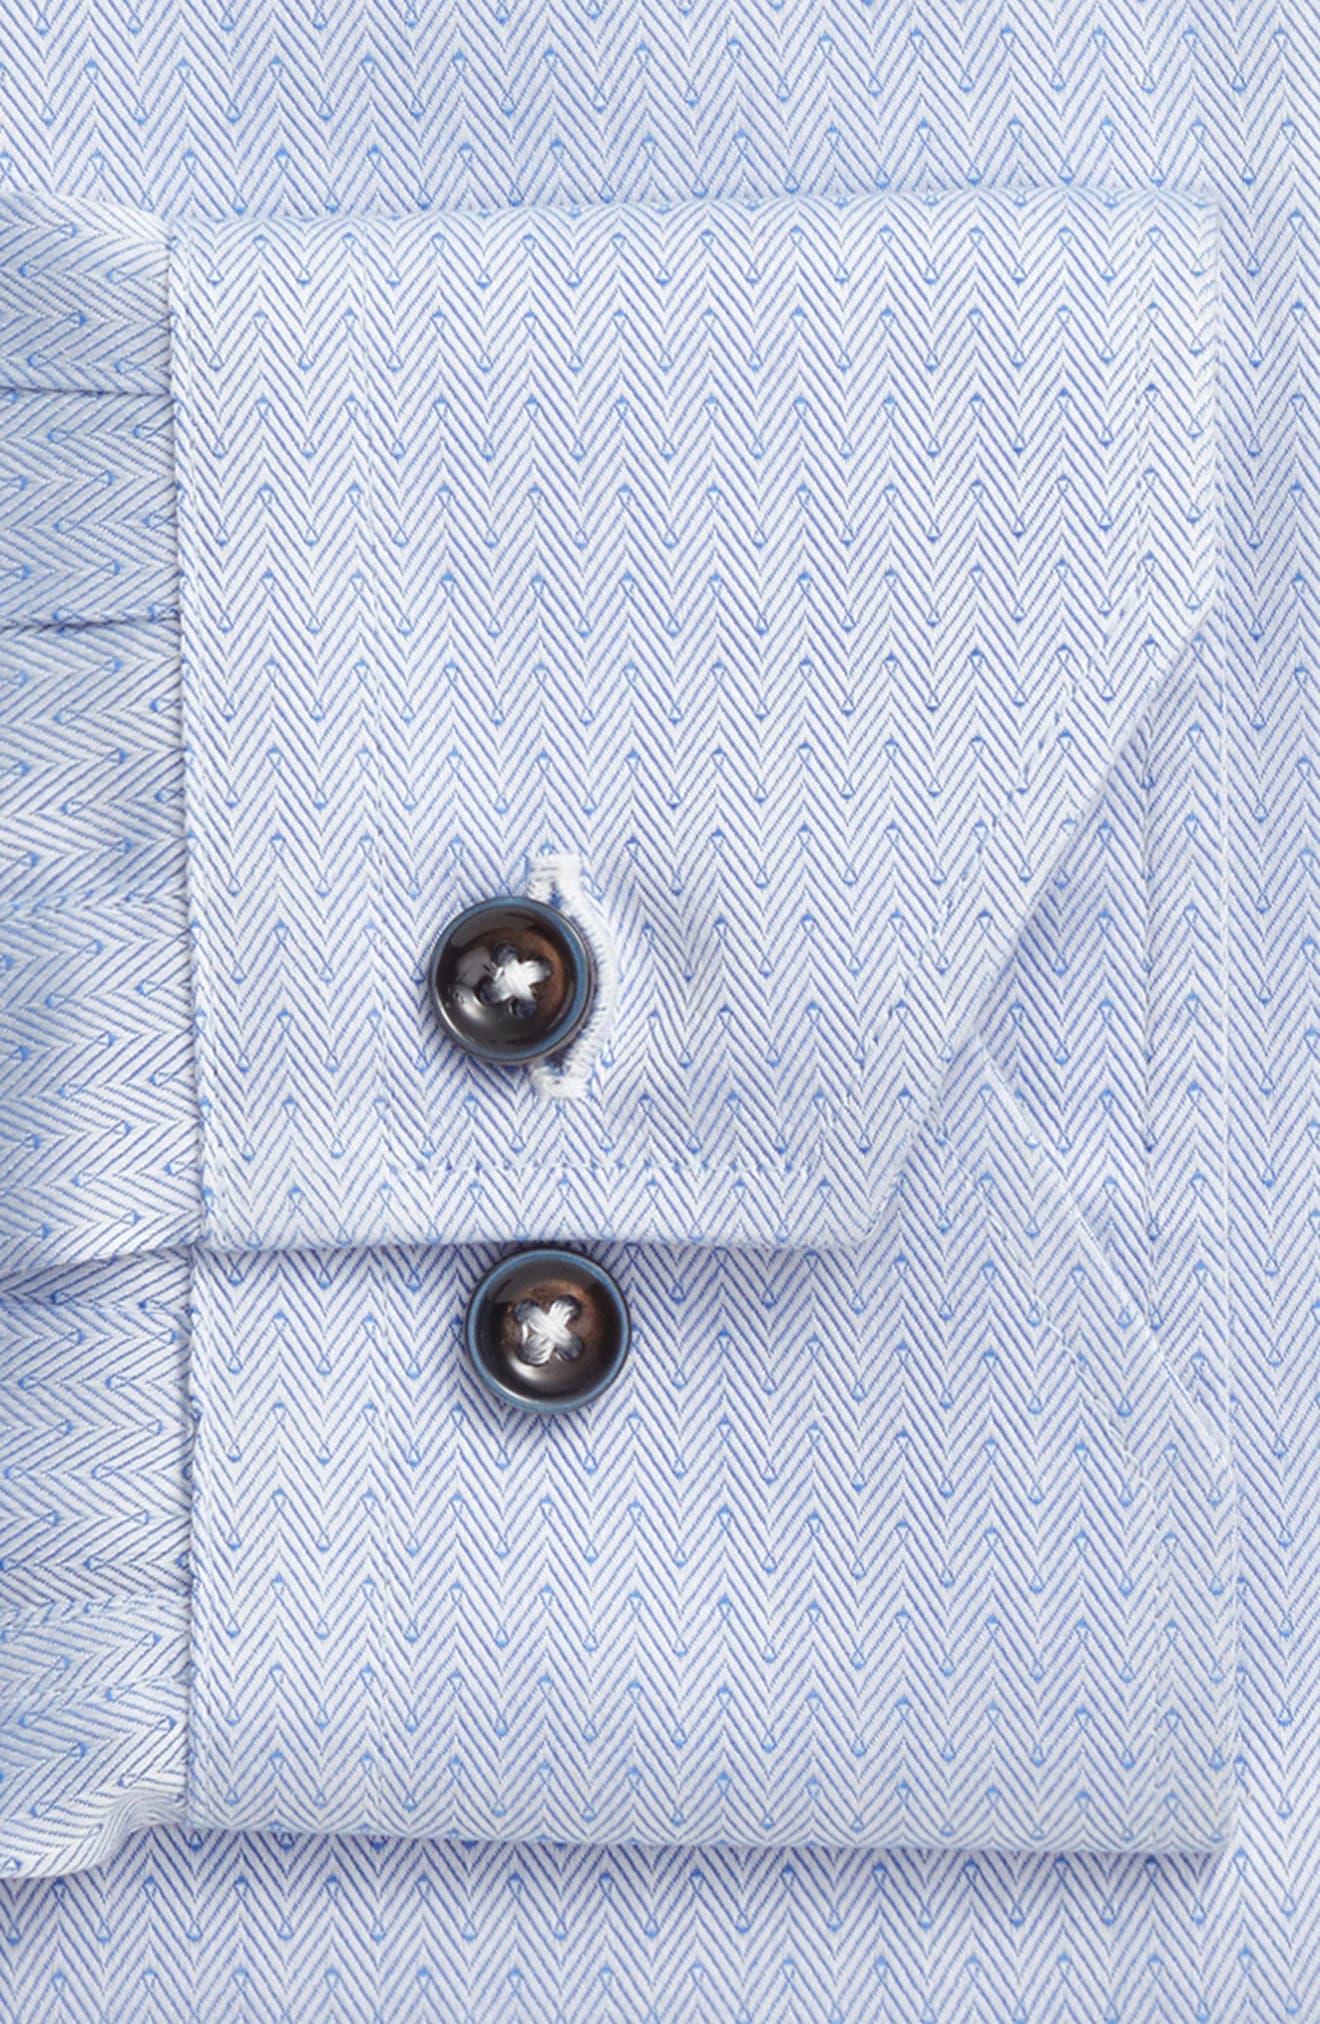 Trim Fit Herringbone Dress Shirt,                             Alternate thumbnail 3, color,                             Light Blue